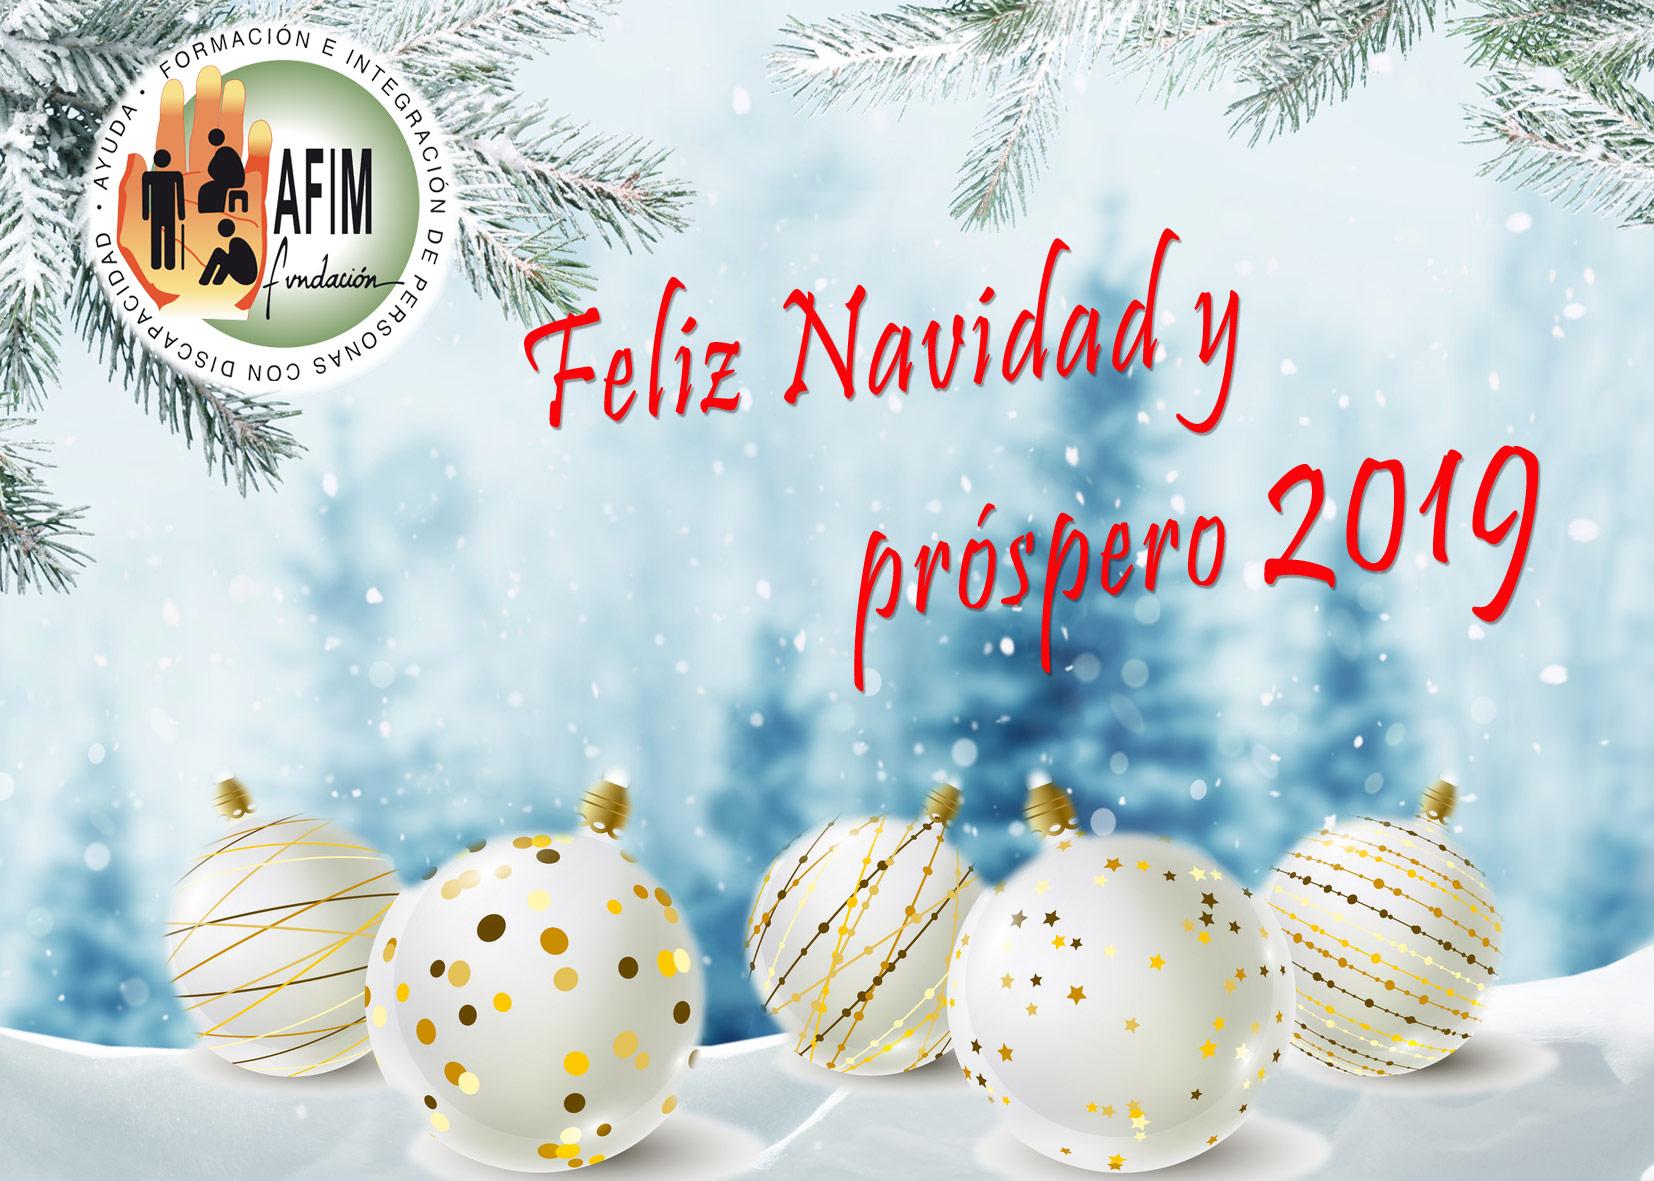 Imagenes De Navidad 2019.Felicitaciones De Navidad 2018 Recibidas Acms Es